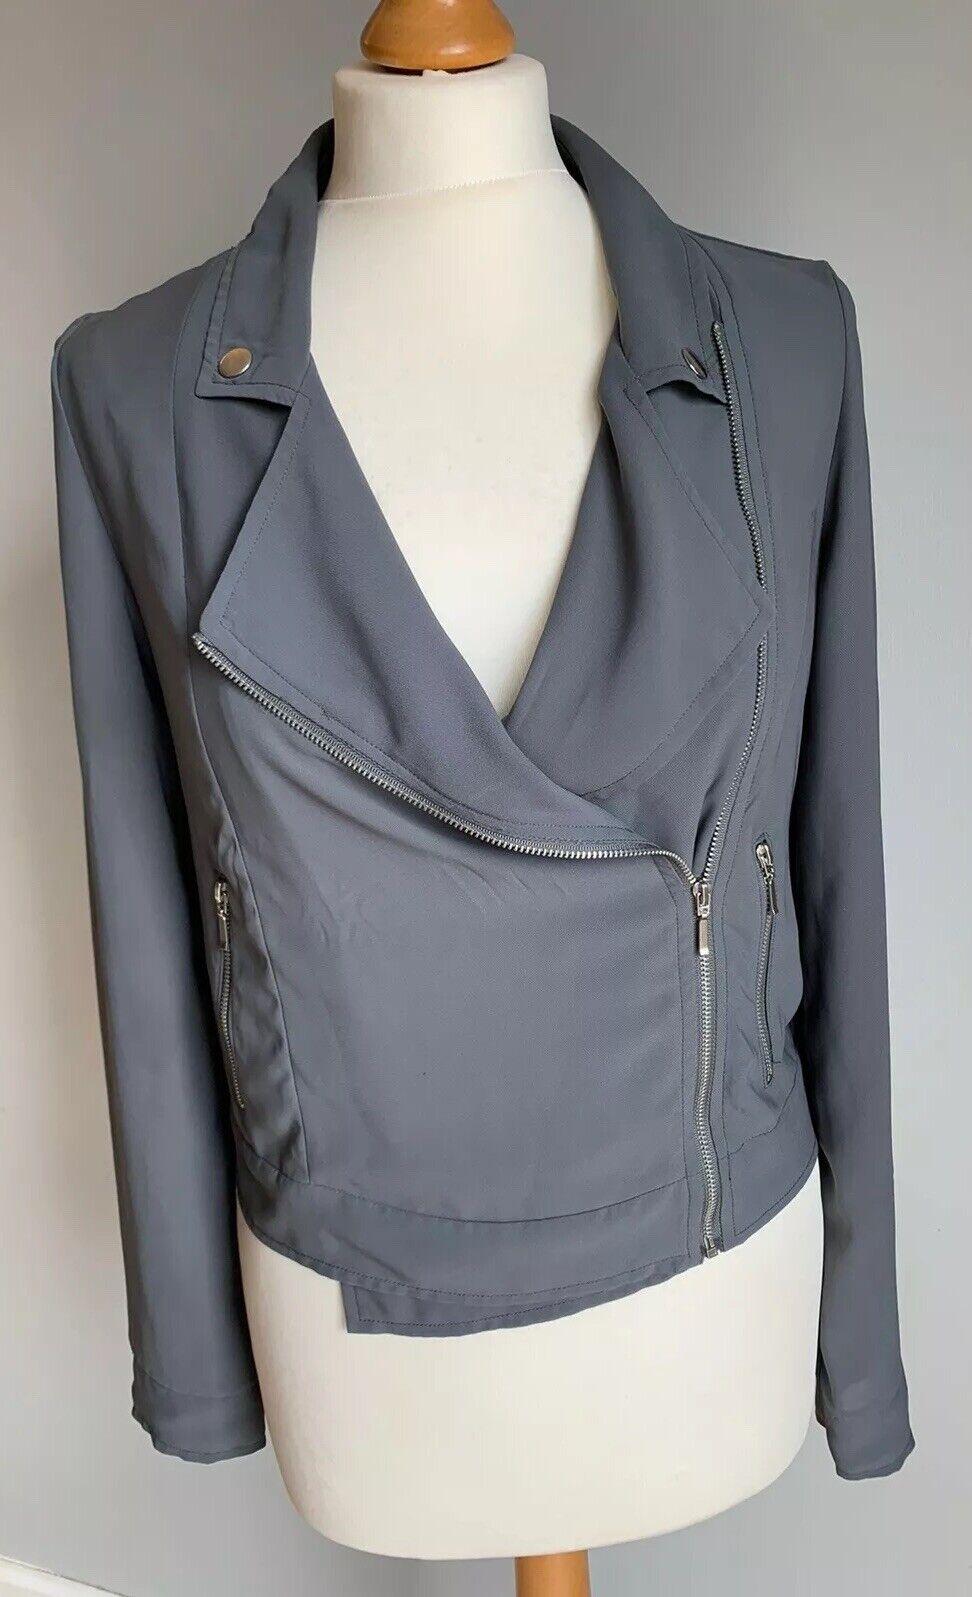 Atmosphere Grey Sheer Lightweight Biker Style Zip Up Jacket, Coat, Size 8